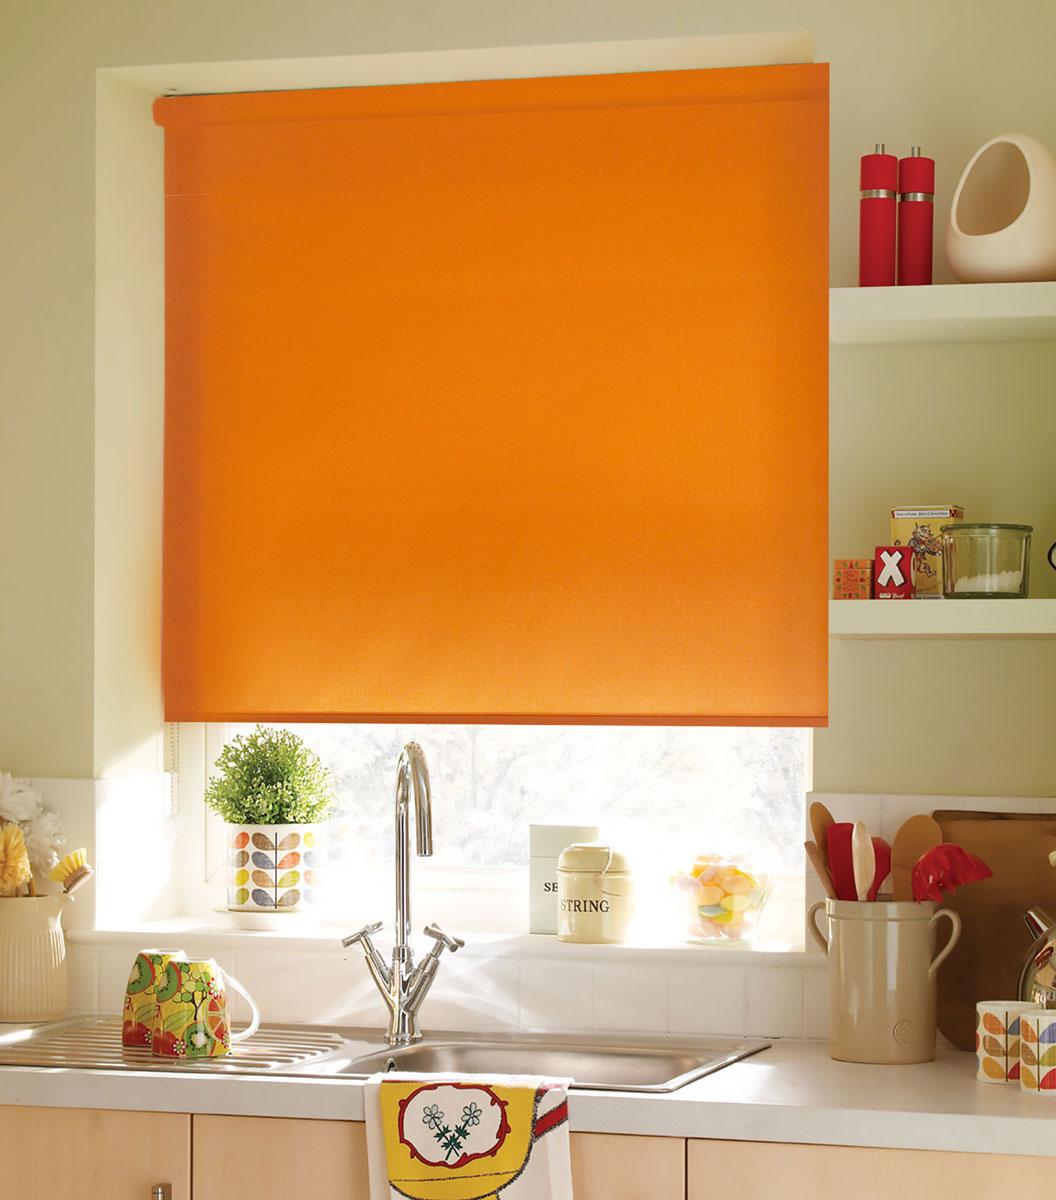 Миниролло KauffOrt 73х170 см, цвет: оранжевый